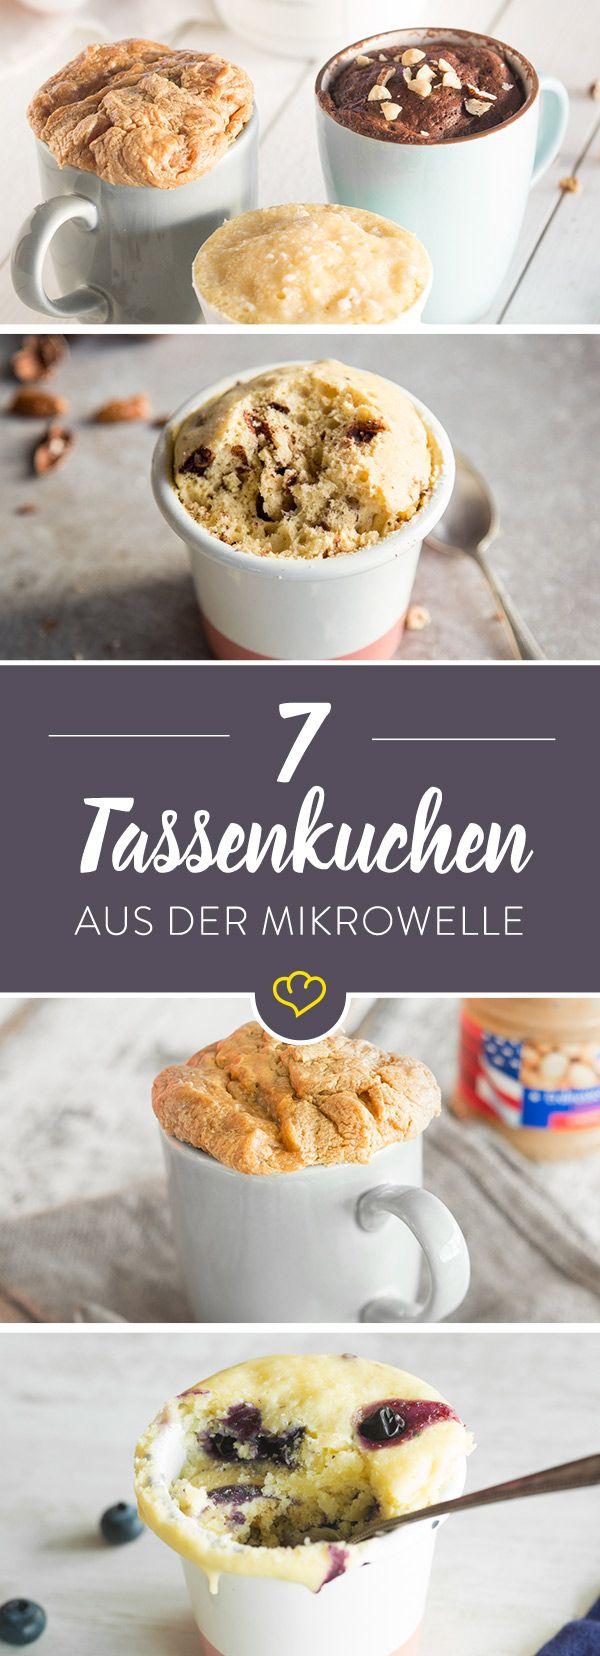 7 Schnelle Tassenkuchen Aus Der Mikrowelle Tassen Kuchen Tassenrezepte Mikrowellen Kuchen